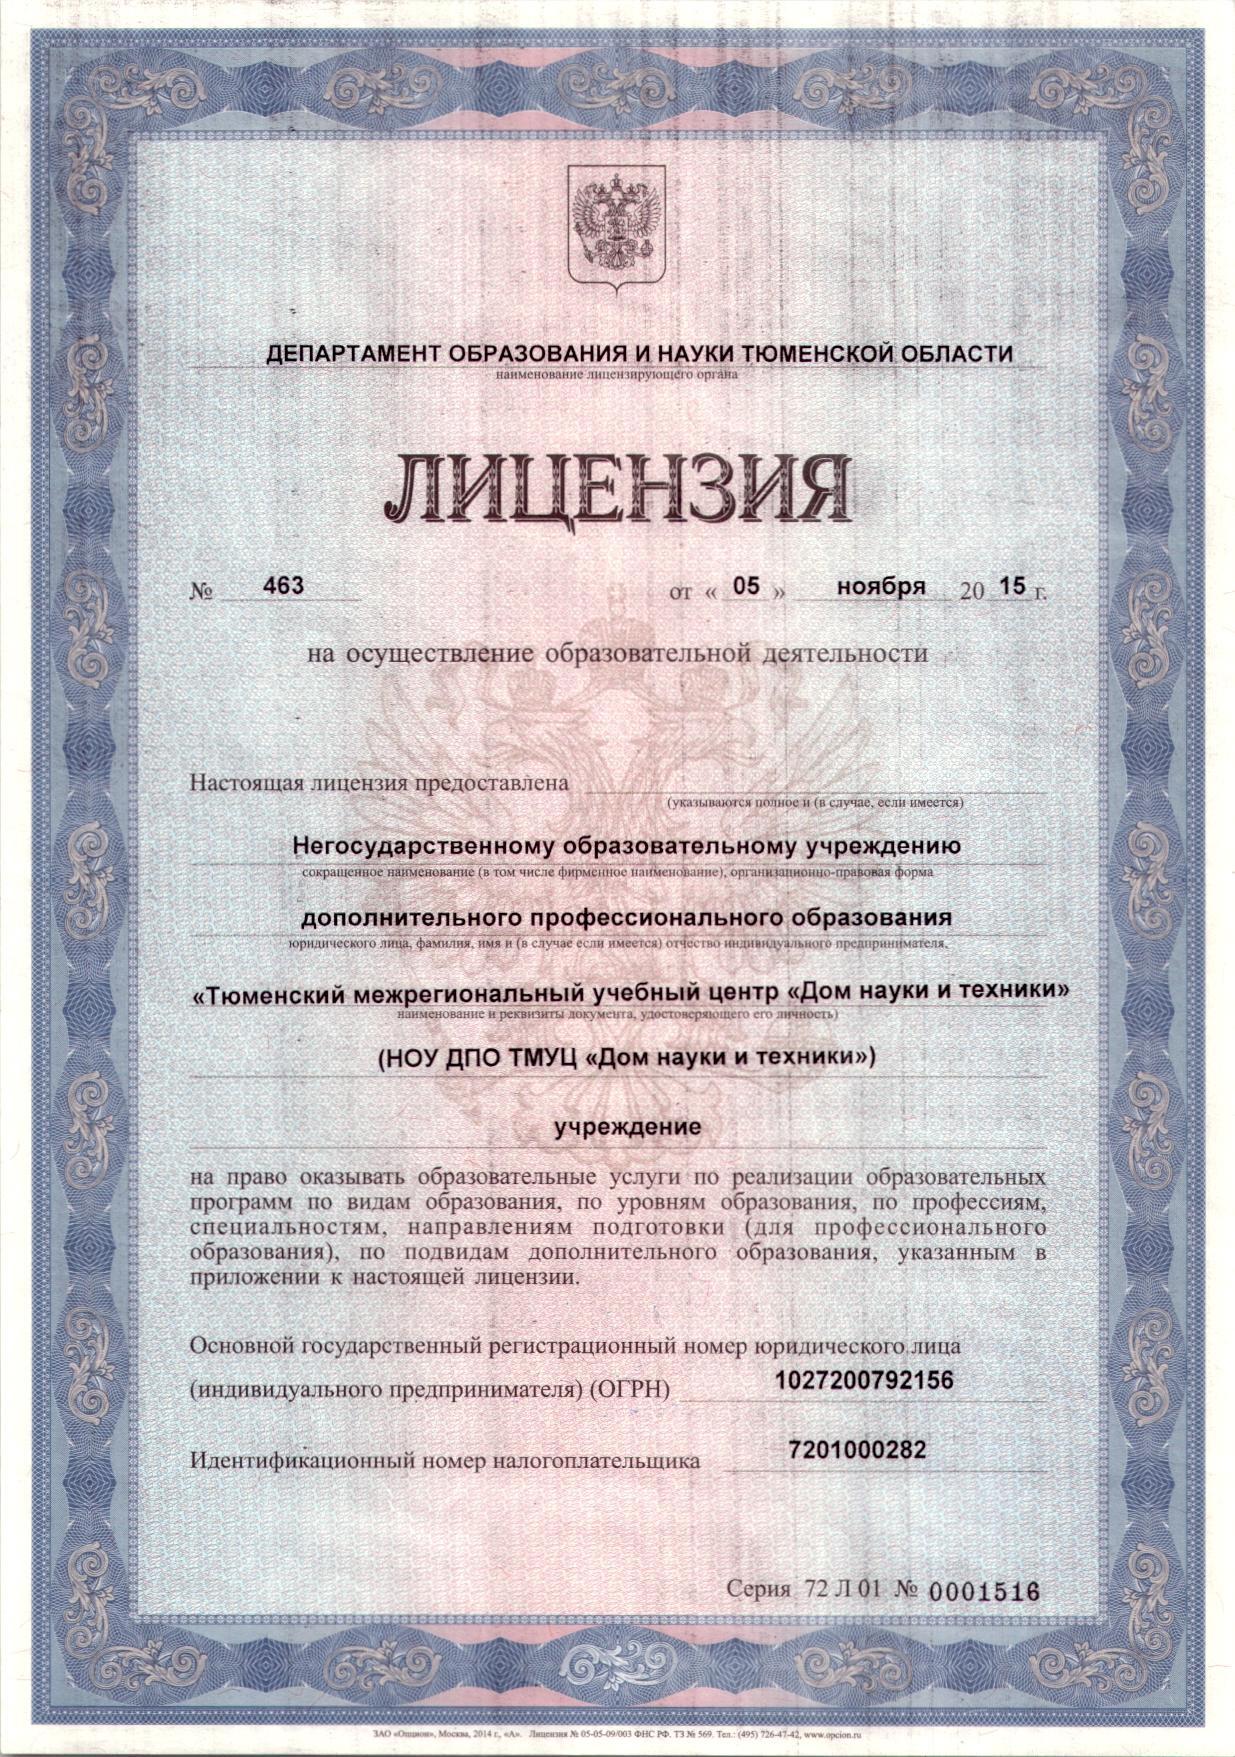 Лицензия №463 от 05.11.2015 г. (1)